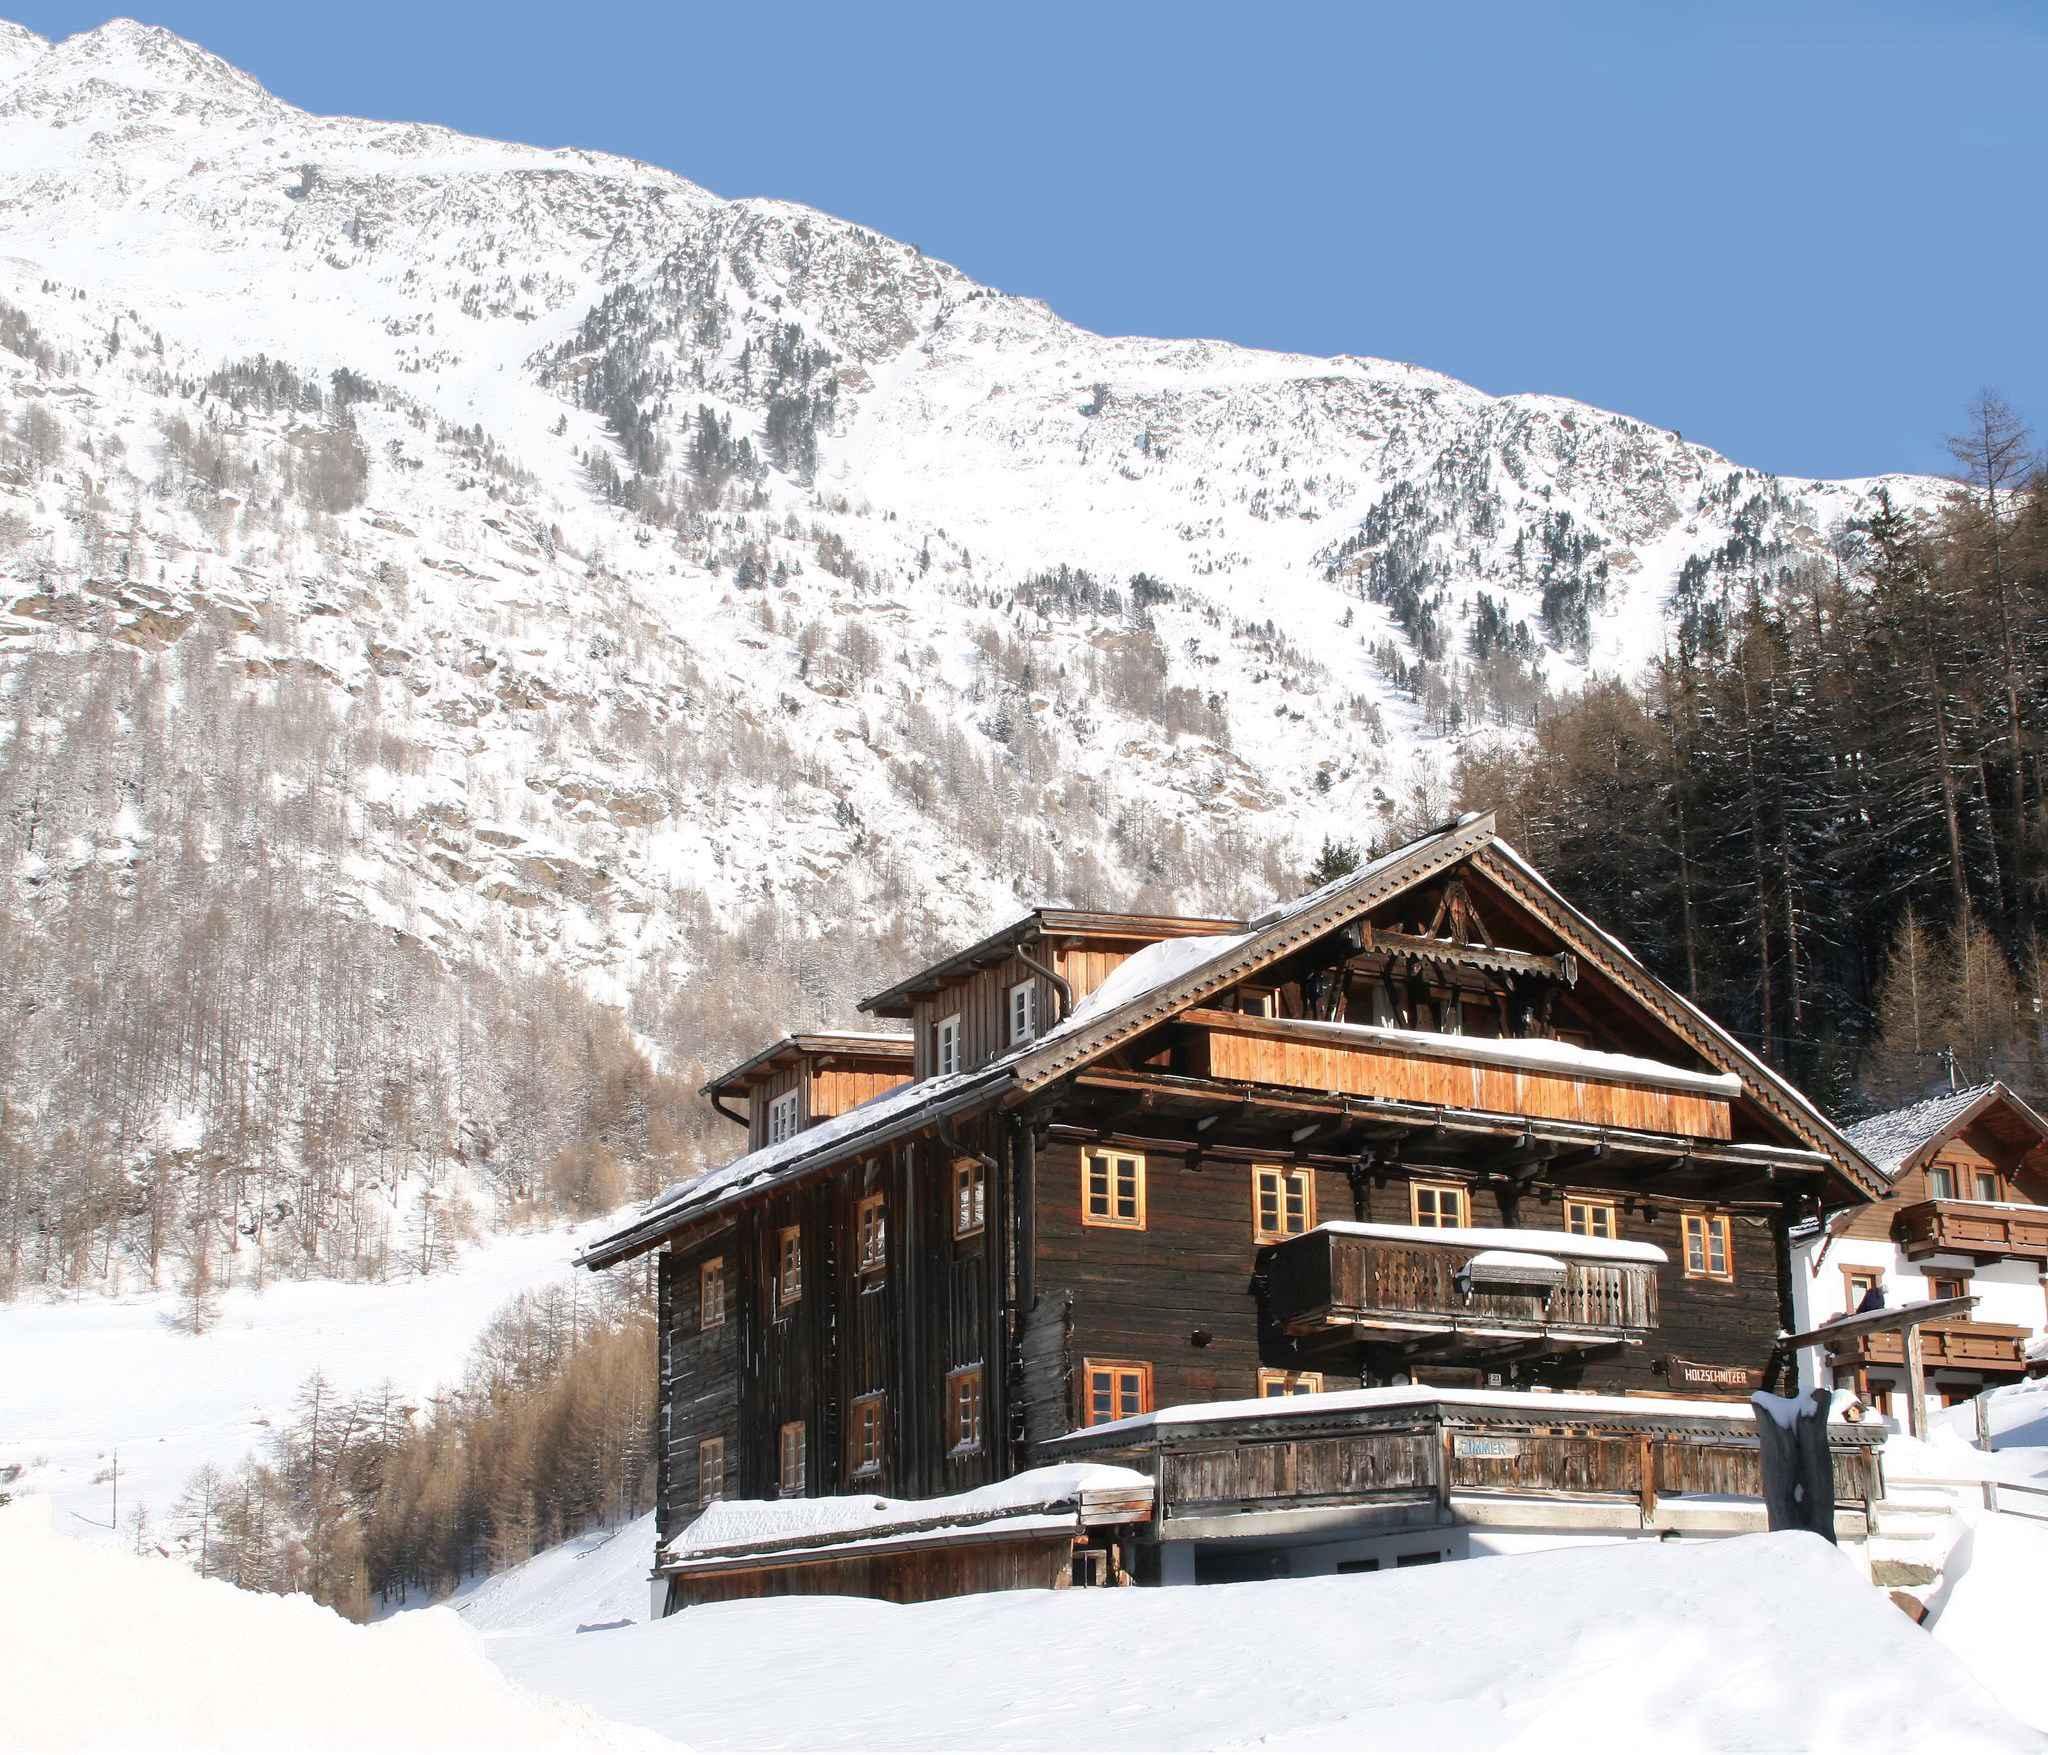 Ferienwohnung in einem über 300 Jahre alten Holzhaus (283707), Sölden (AT), Ötztal, Tirol, Österreich, Bild 6